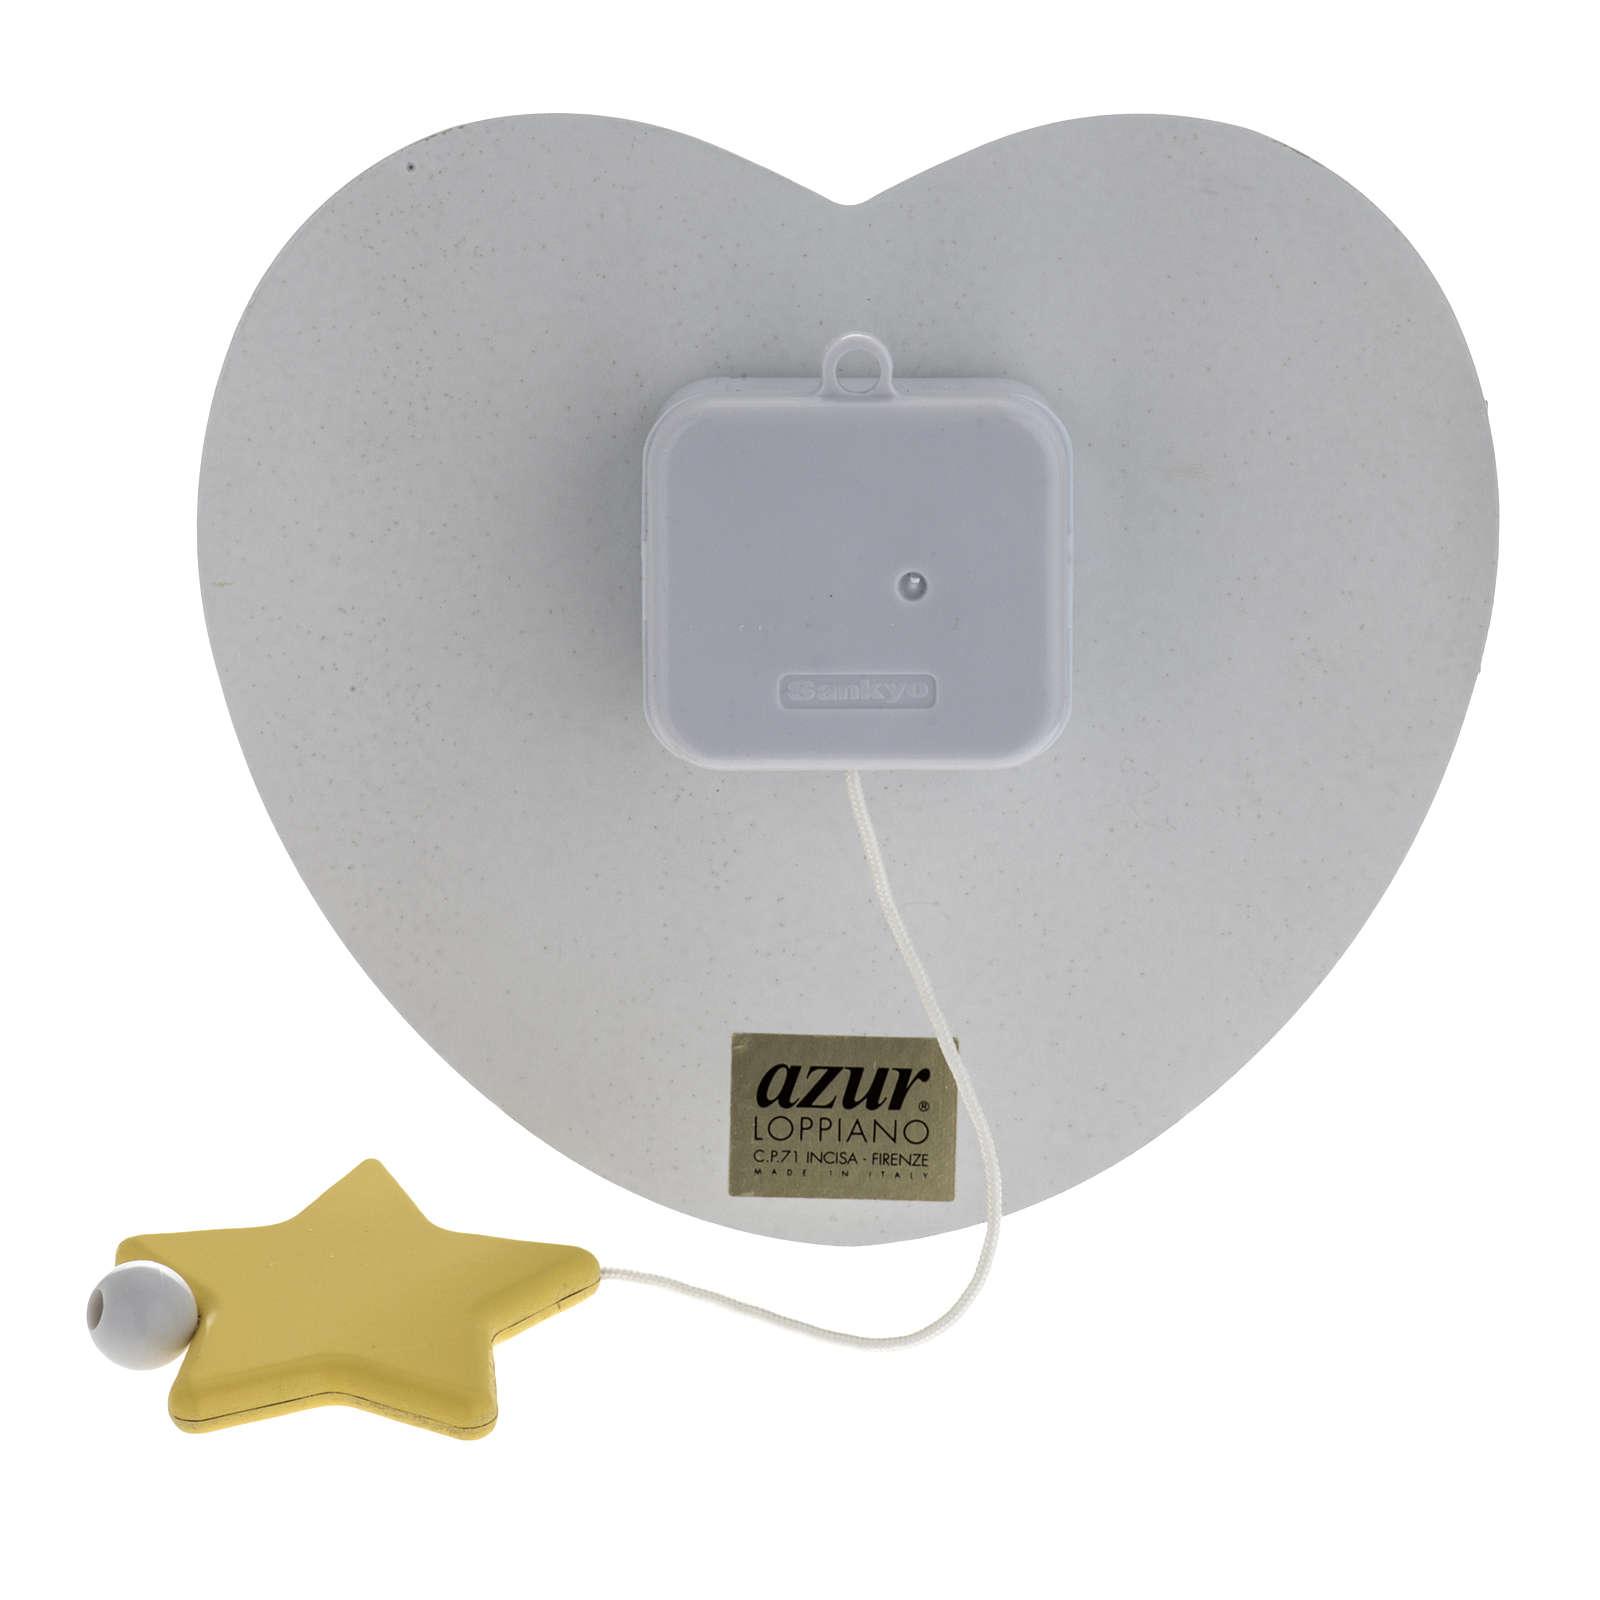 Carillon cuore angelo stella celeste Azur Loppiano 3